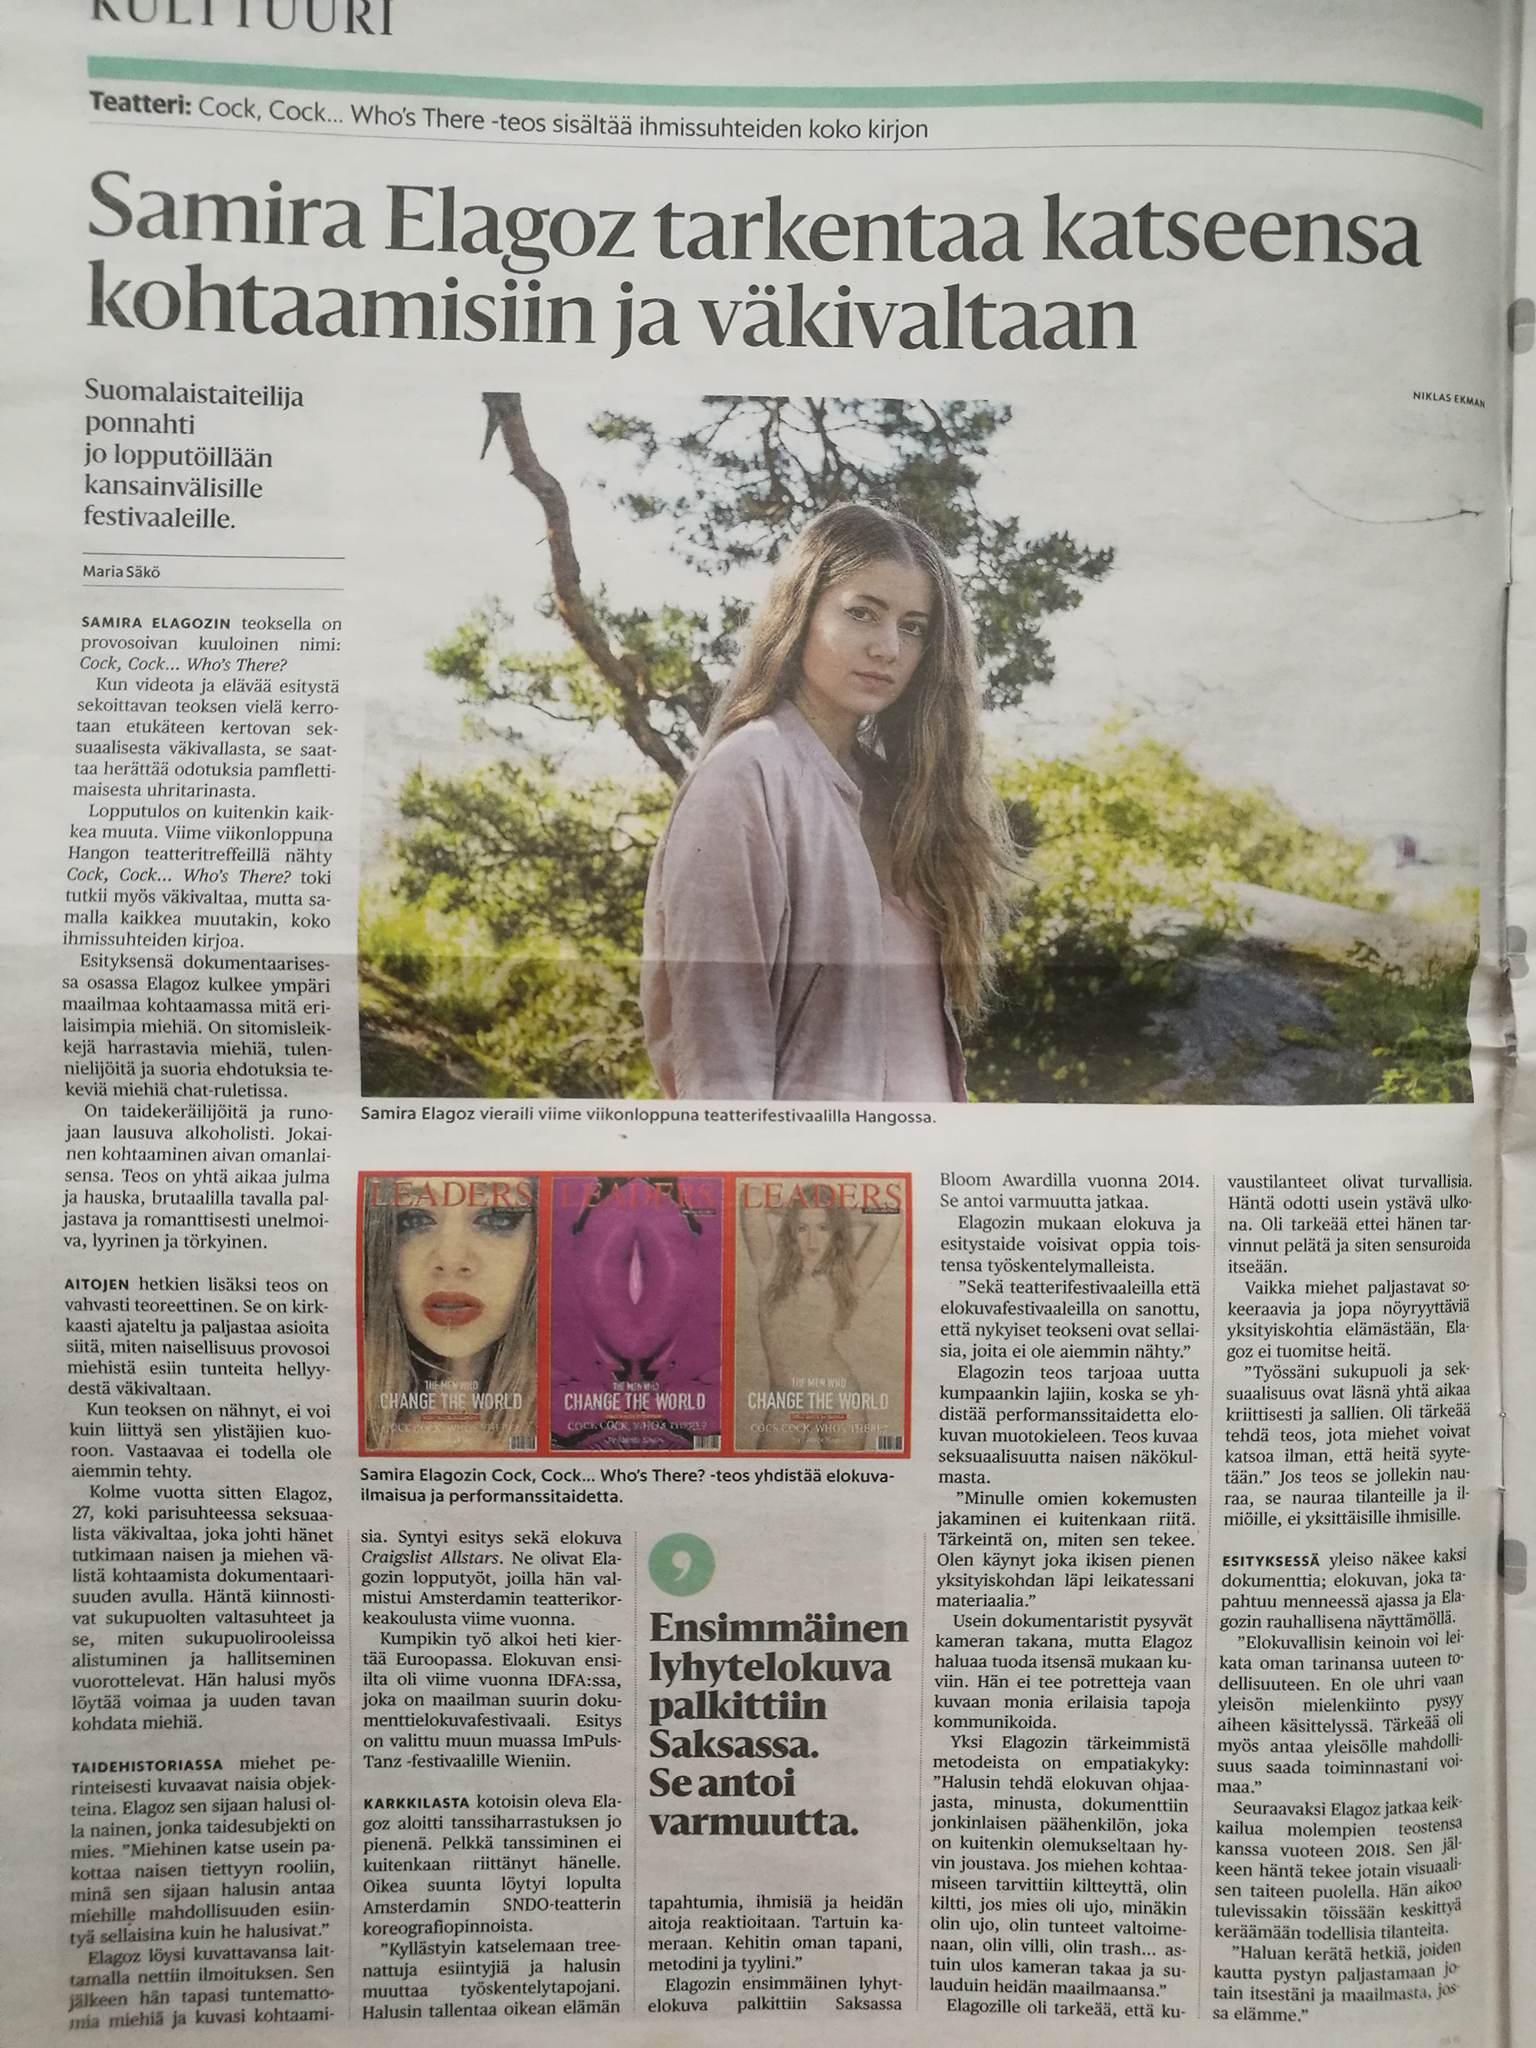 Great article for the Finnish magazine Hesari by Maria Säkö. http://www.hs.fi/kulttuuri/art-2000005254326.html